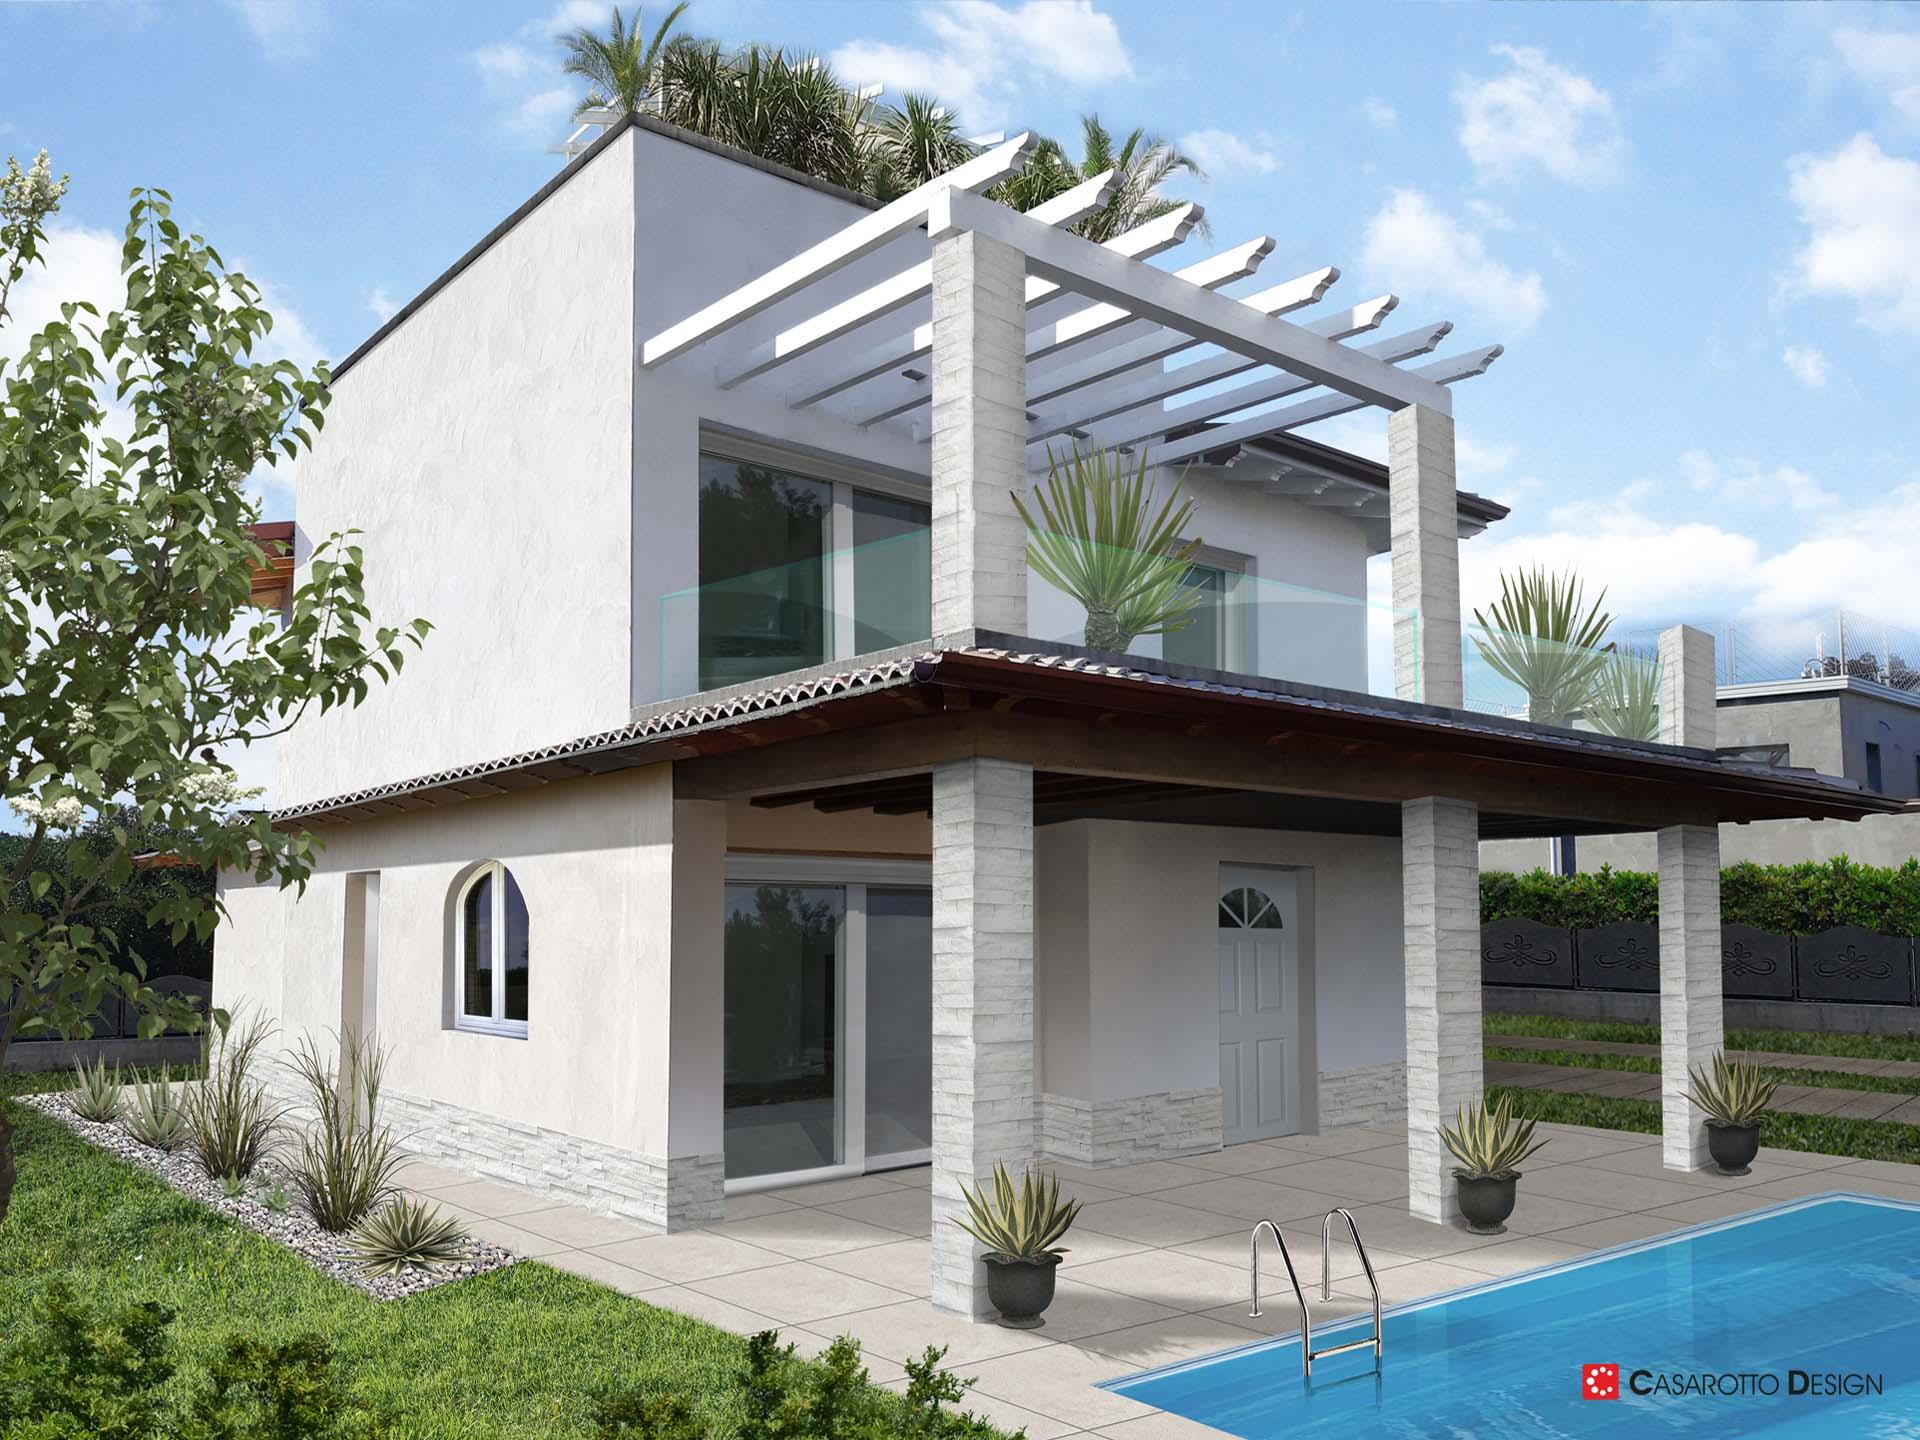 Render rendering abitazioni architettura agenzie immobiliari pietra credaro simone casarotto design castiglione delle stiviere